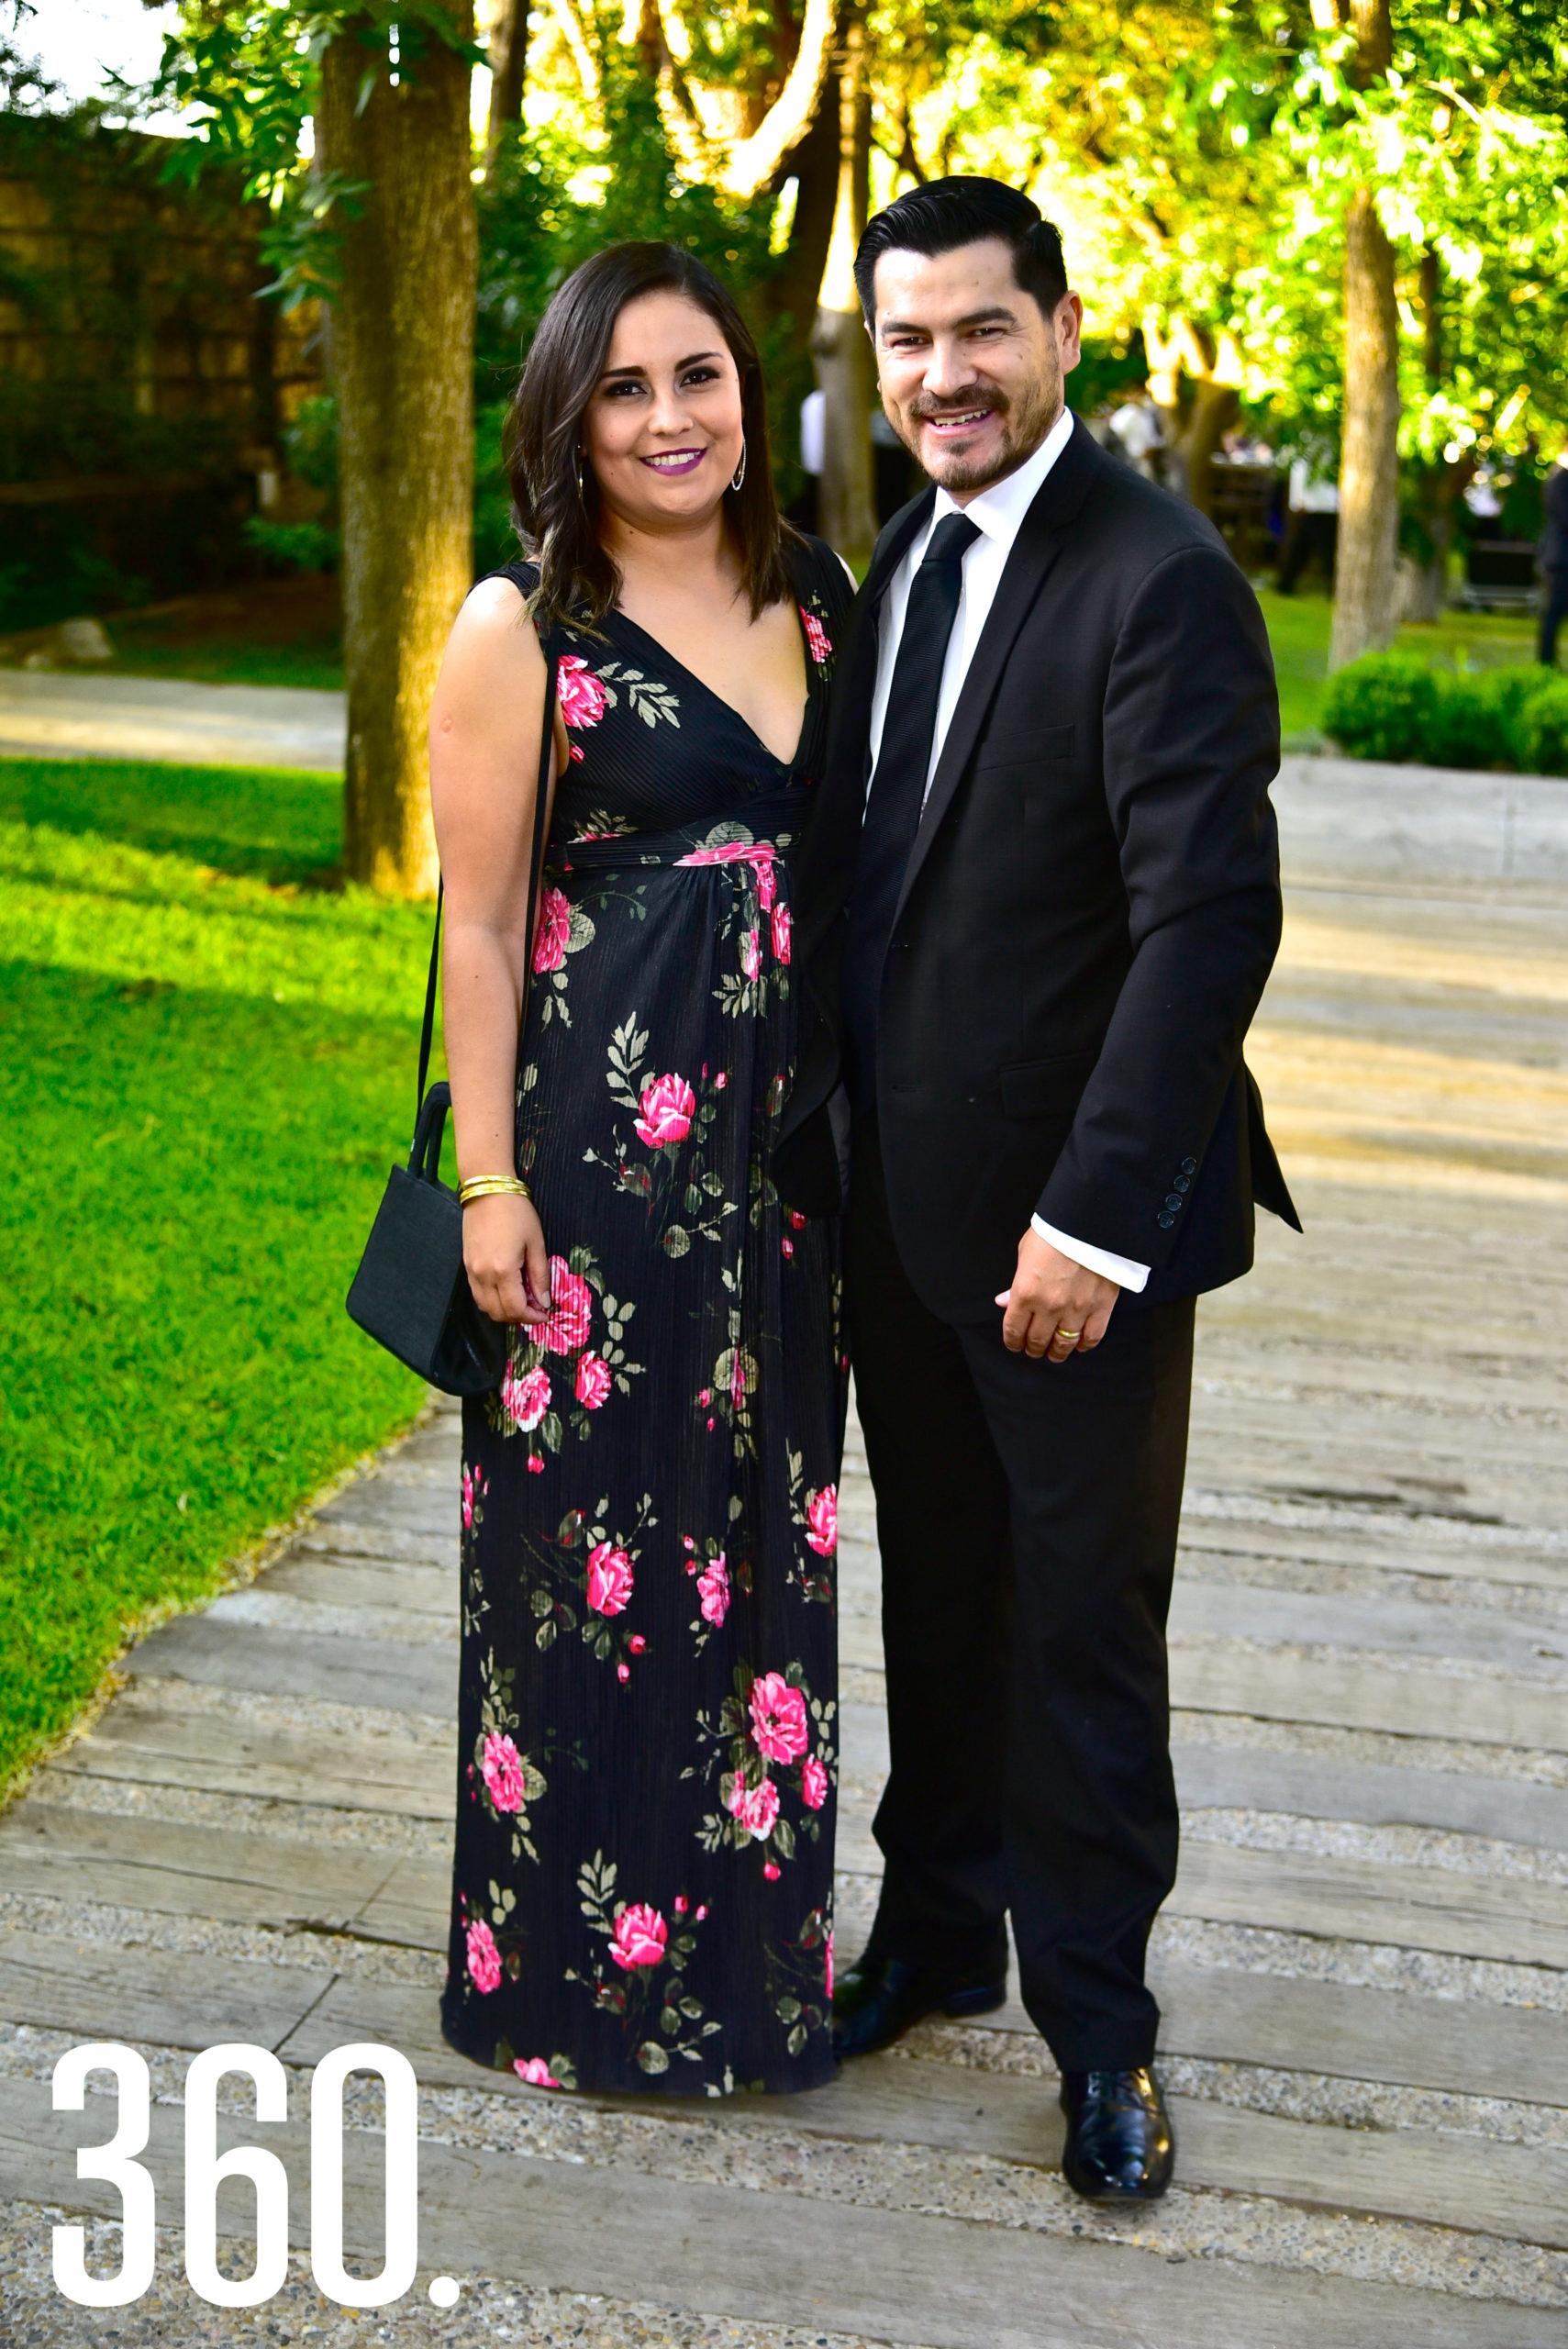 Susana Aguirre y Manrique Vázquez.